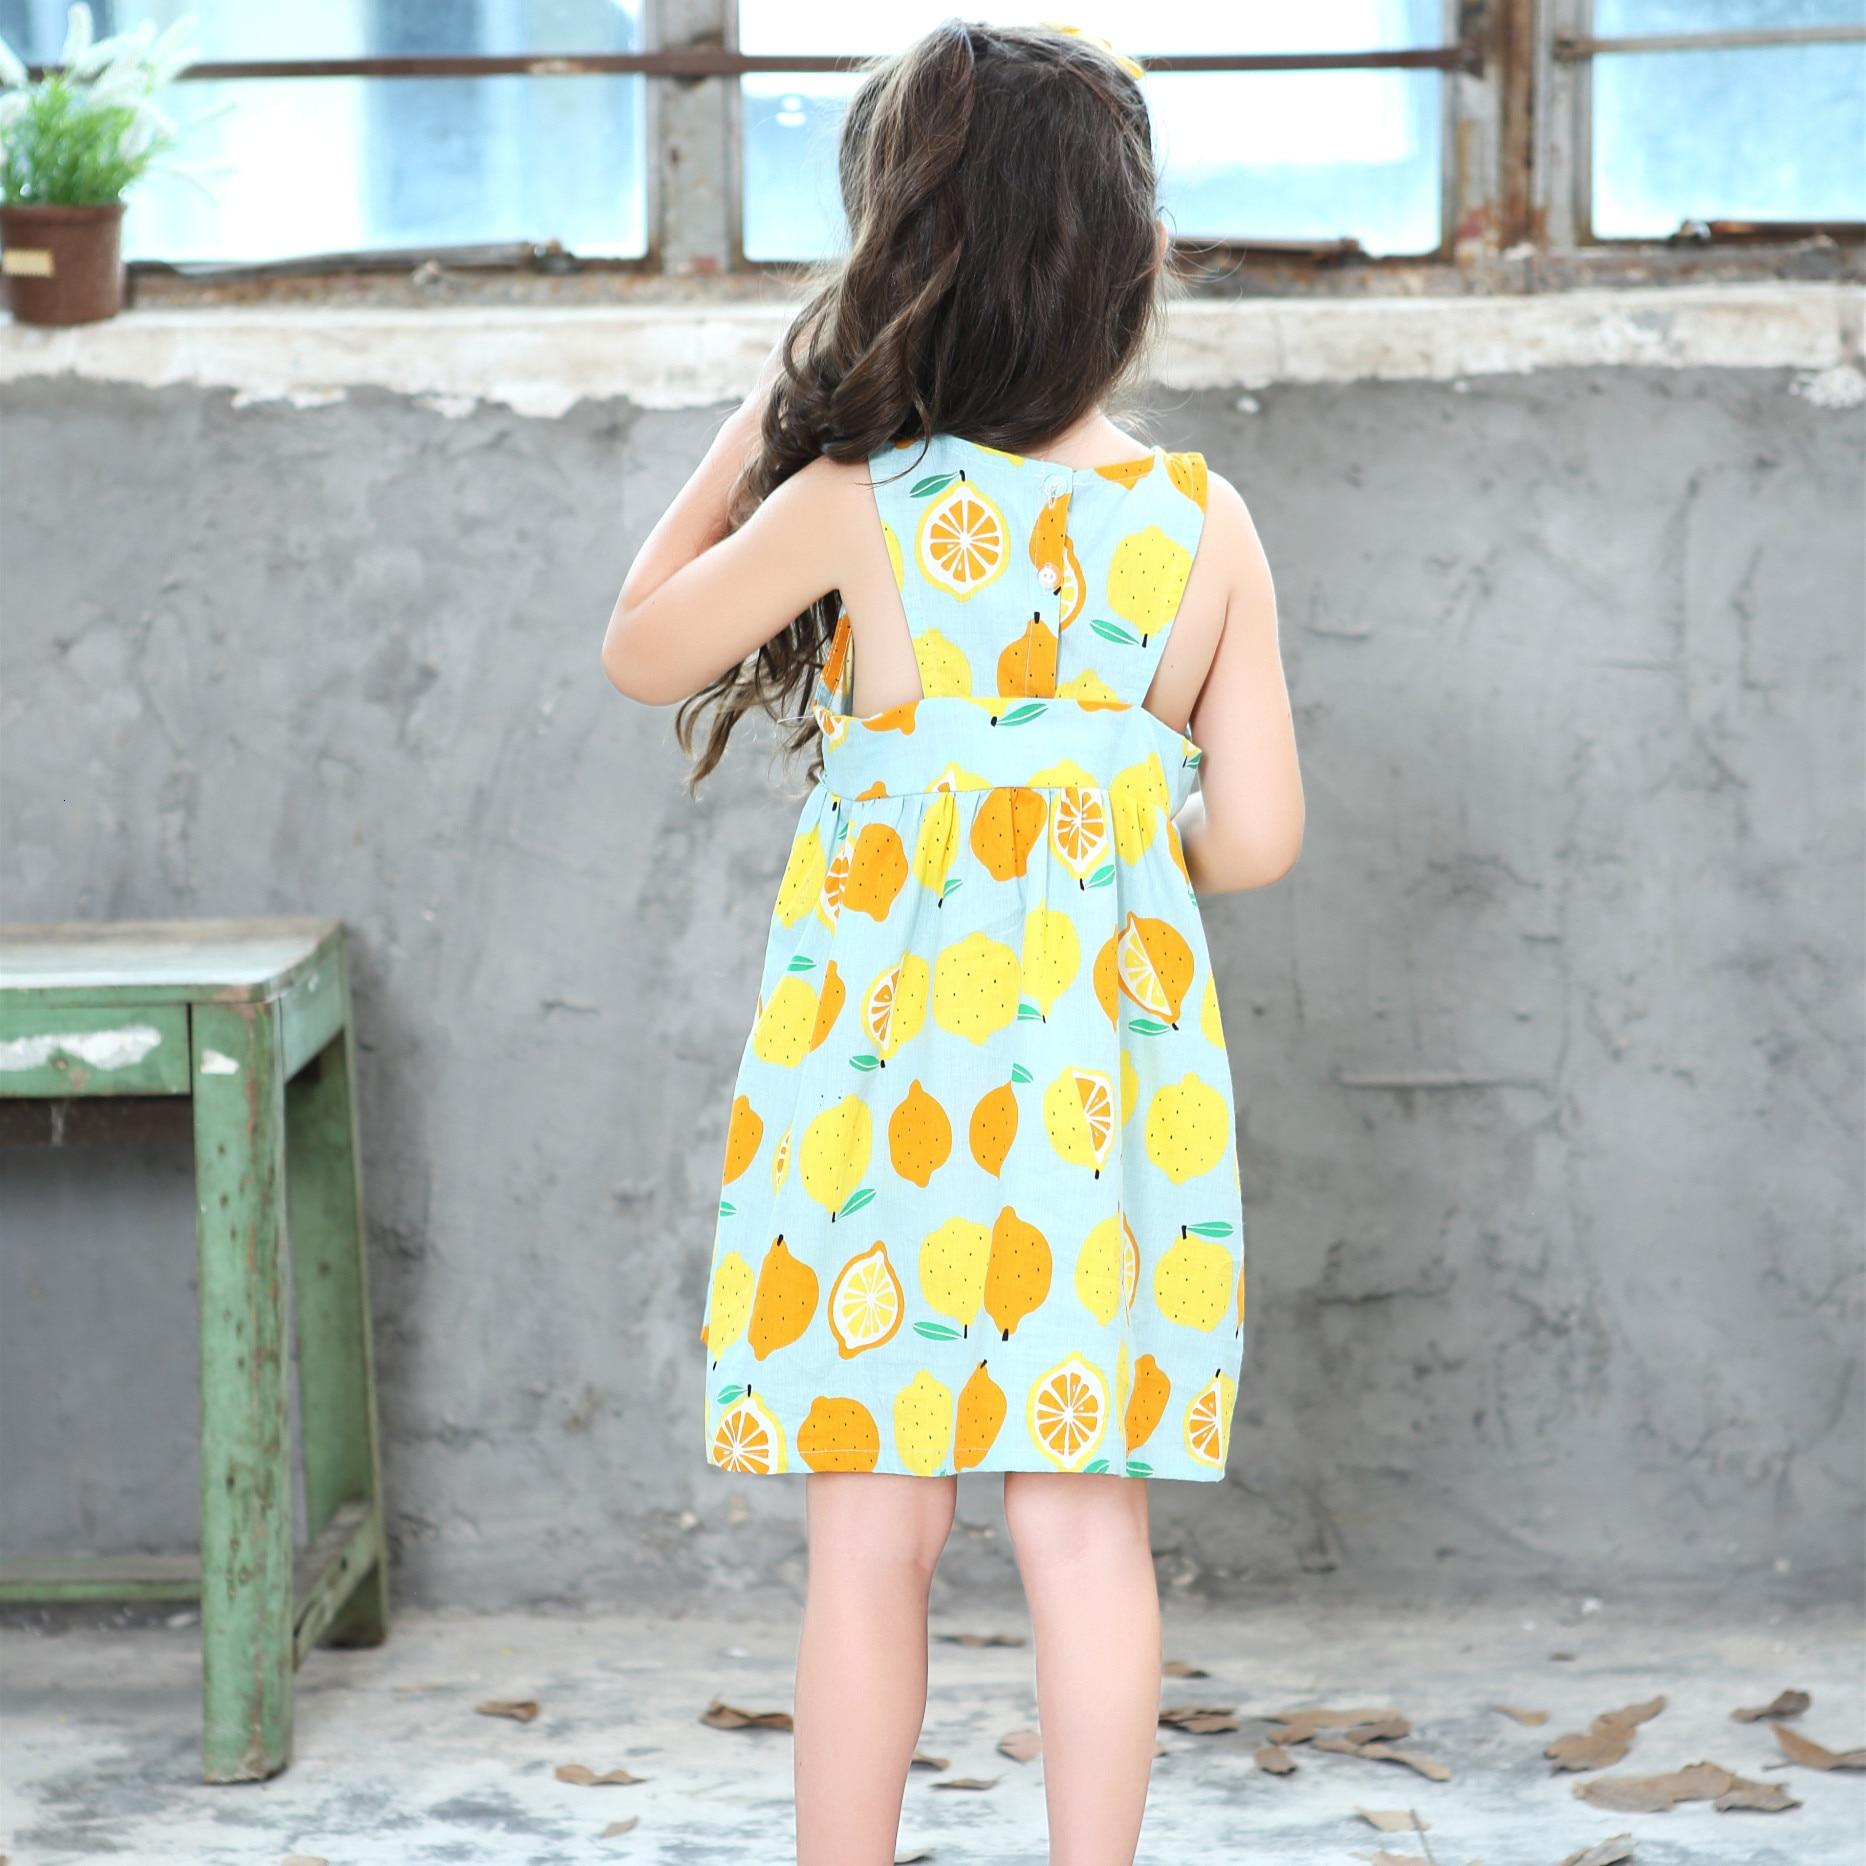 Summer Girls Dress Sleeveless Vest Cute Yellow Lemon Dress For Girls Baby Child Clothing